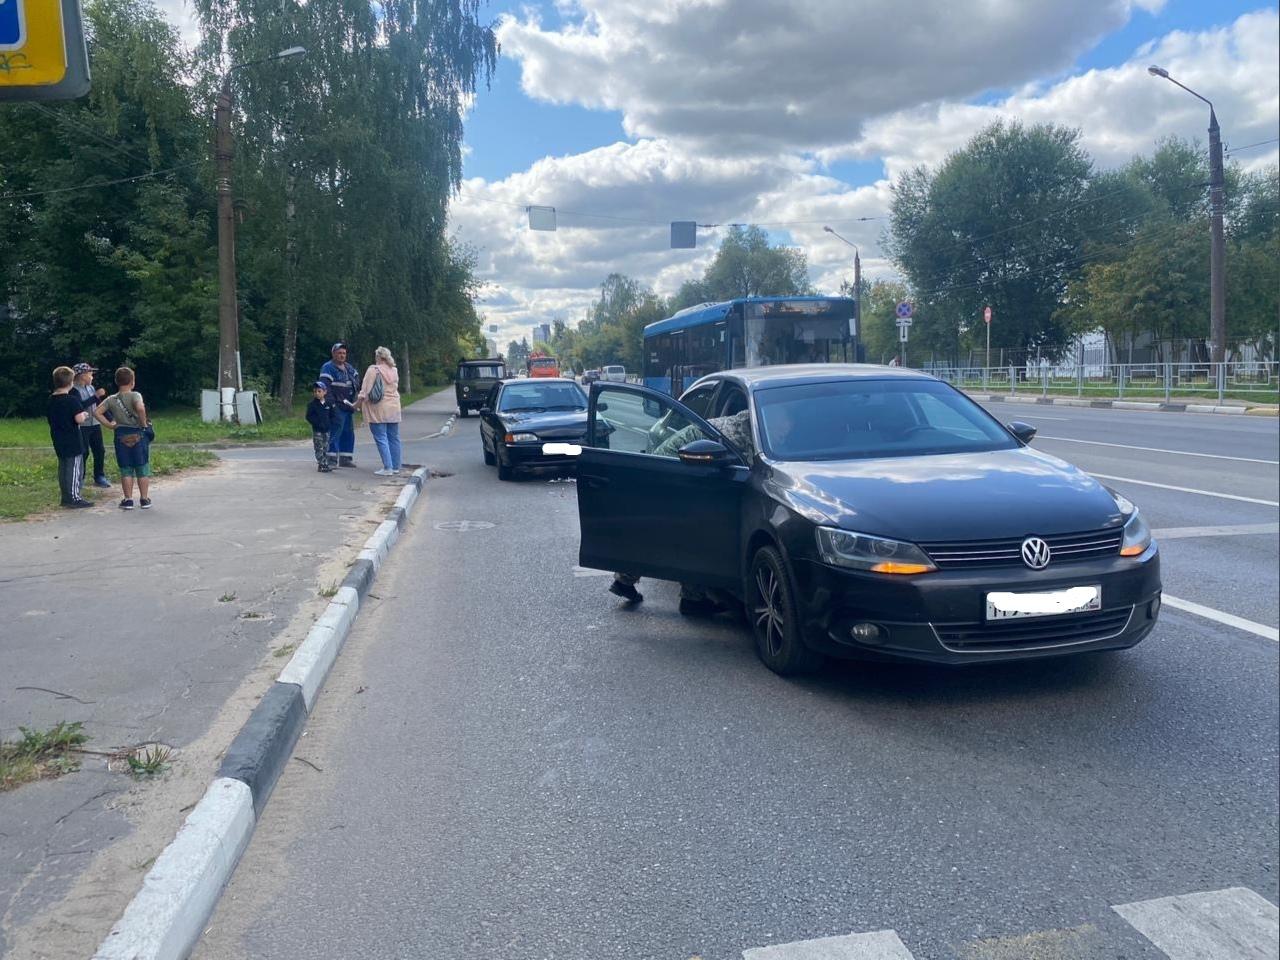 Из-за проблем со здоровьем водитель легковушки попал в аварию в Твери